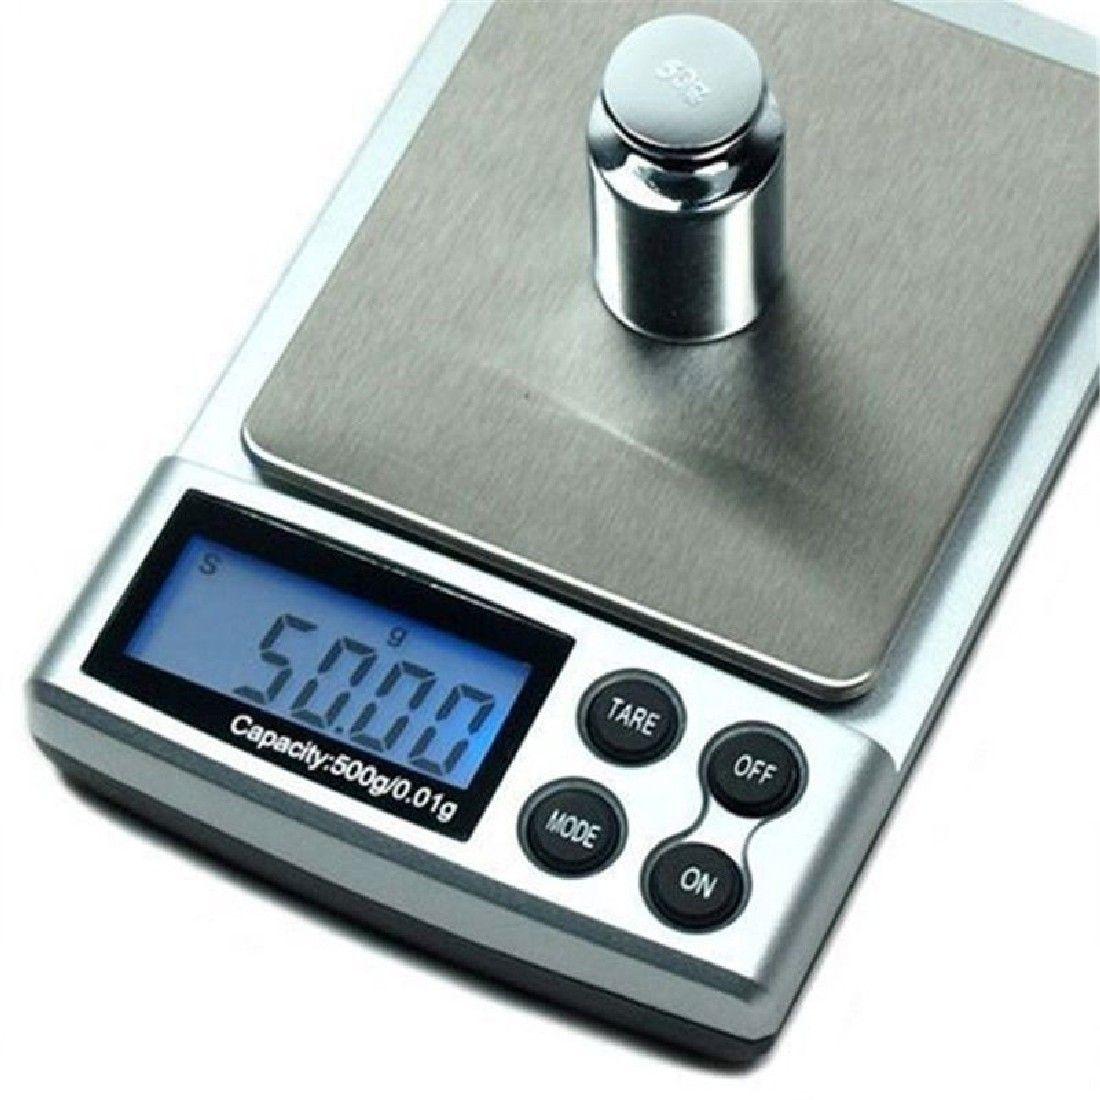 1 pc 500g x 0.01g échelle de précision numérique or argent bijoux Balance de poids balances LCD unités d'affichage balances électroniques de poche